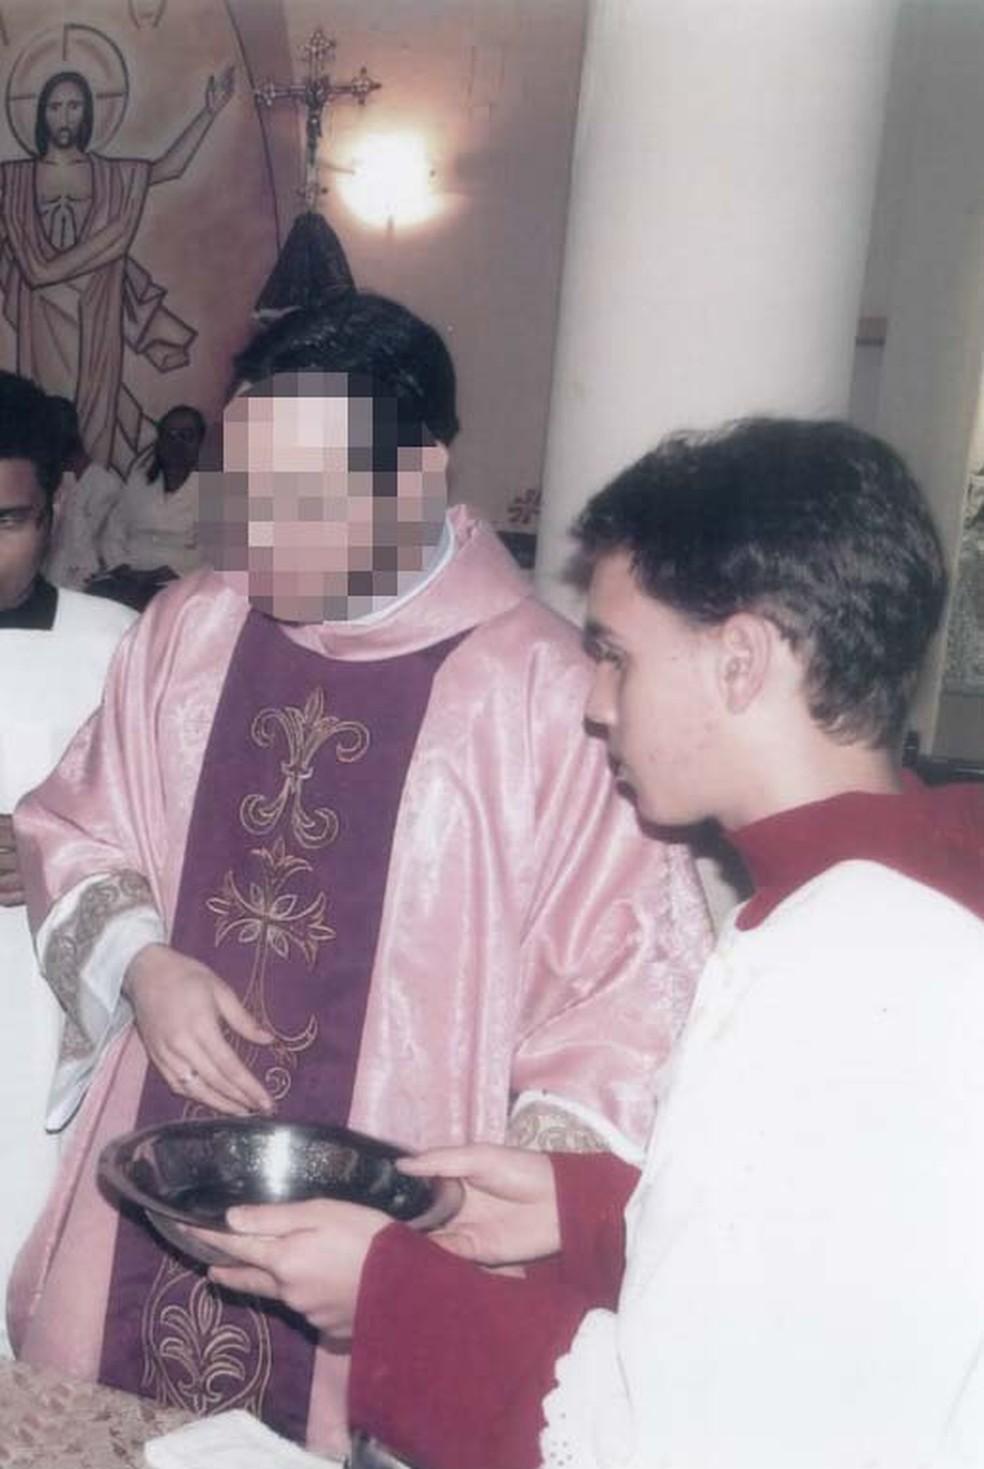 Jovem diz que padre se aproximou quando ele atuava como coroinha na igreja em Guarujá, SP — Foto: Arquivo pessoal